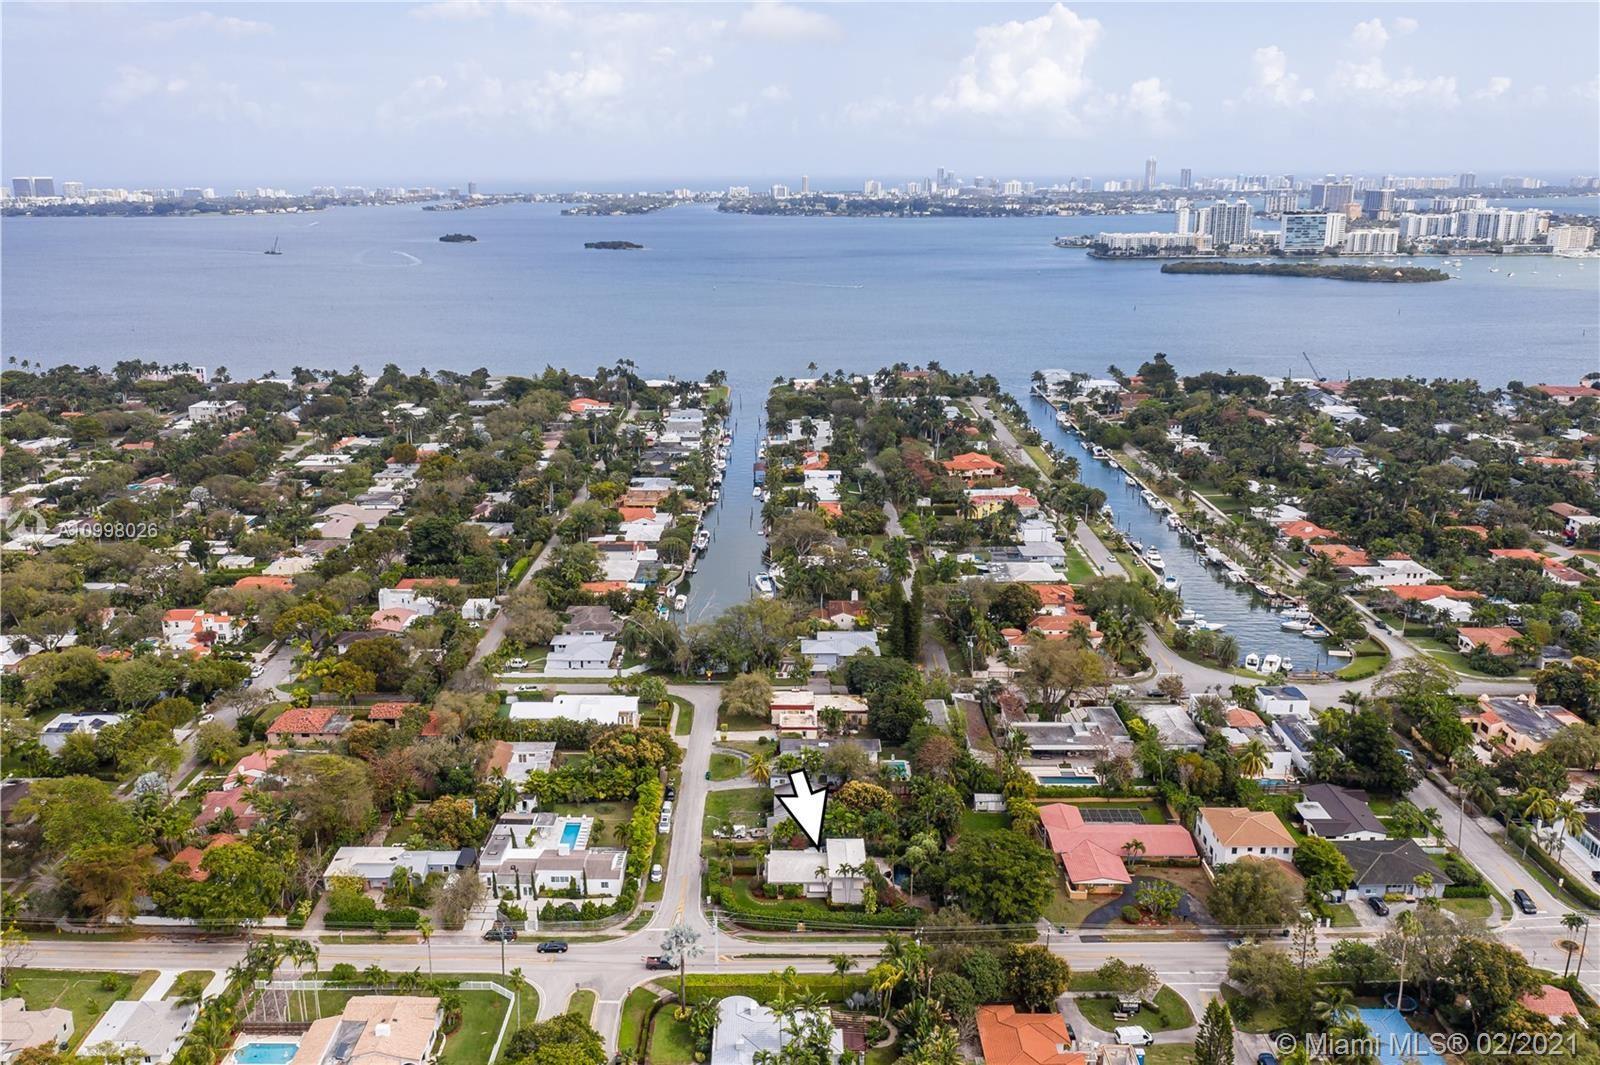 8965 NE 10th Ave, Miami, FL 33138 - #: A10998026